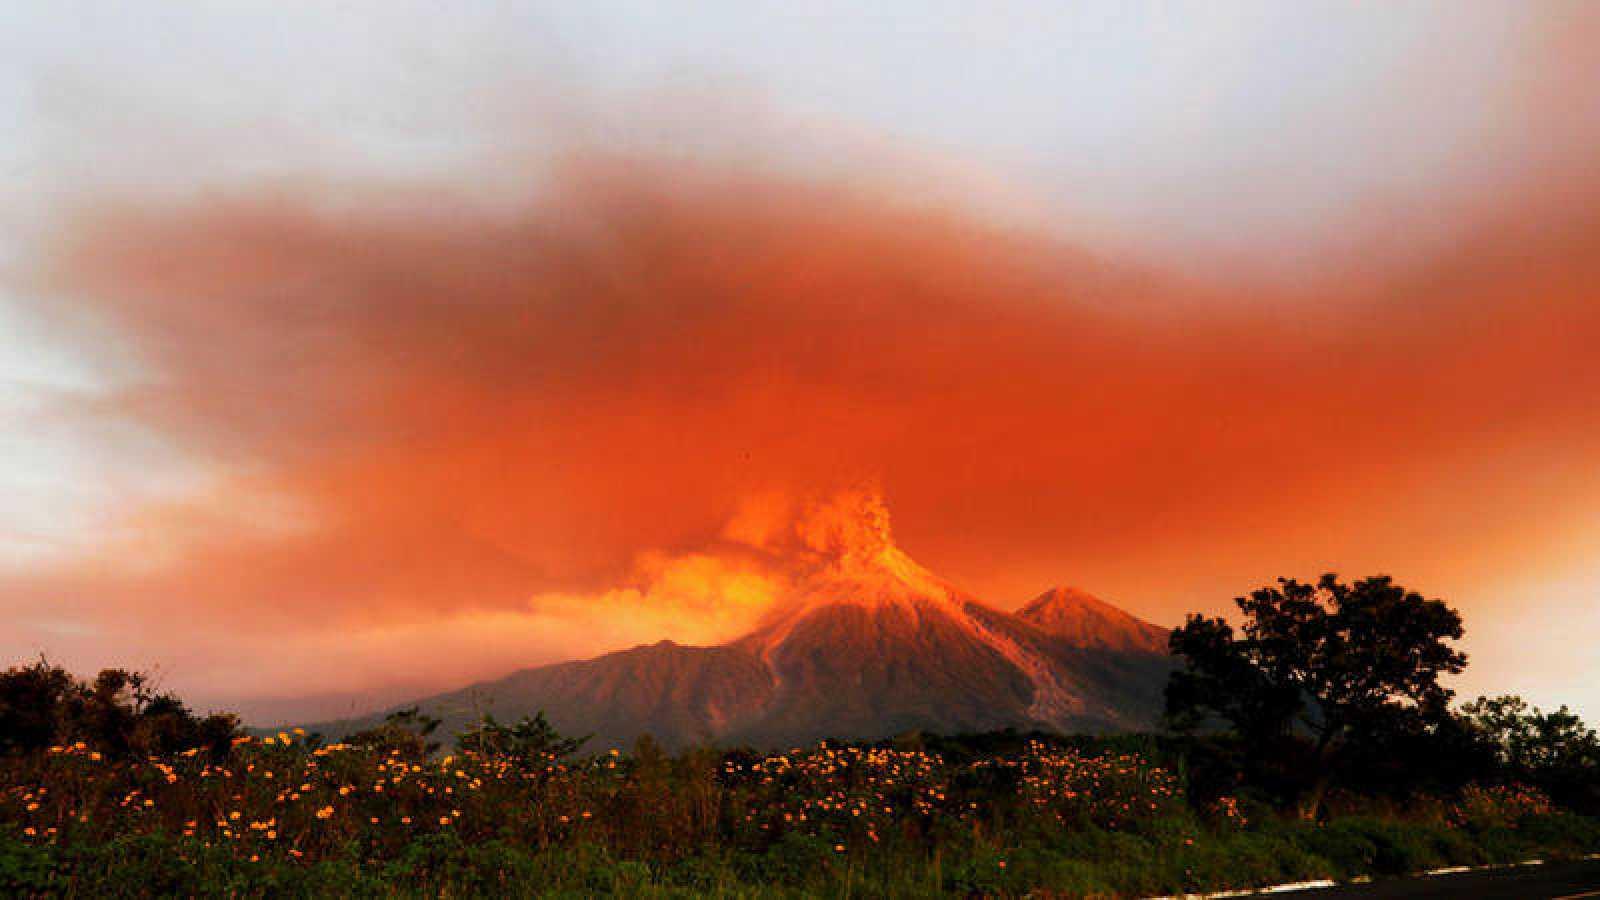 Alerta roja por la erupción del volcán de Fuego Guatemala | RTVE